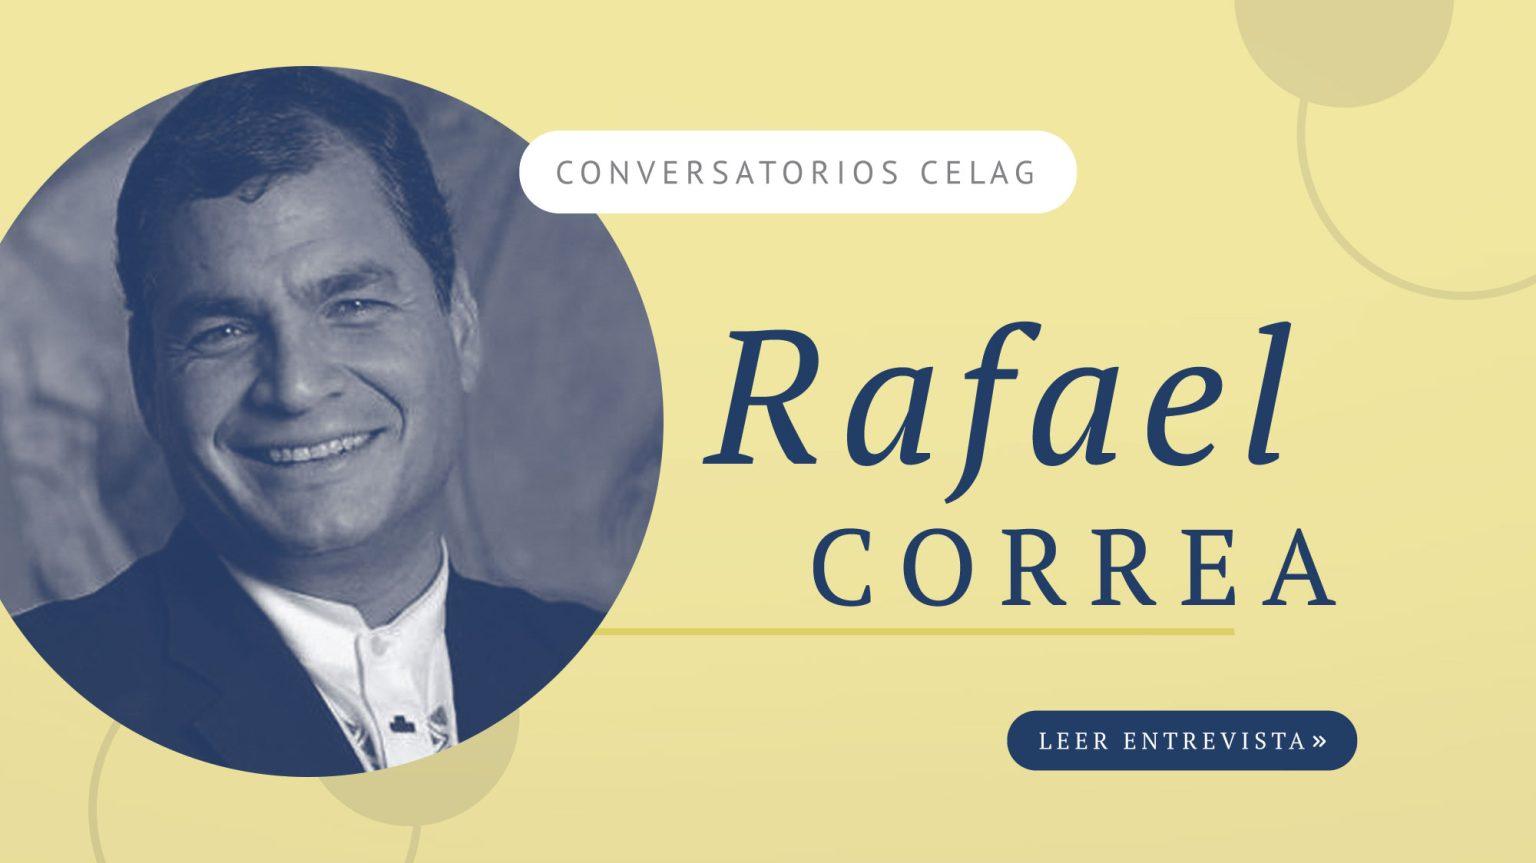 https://www.celag.org/wp-content/uploads/2020/03/conversatorio-rafael-correa-2-1536x863.jpg